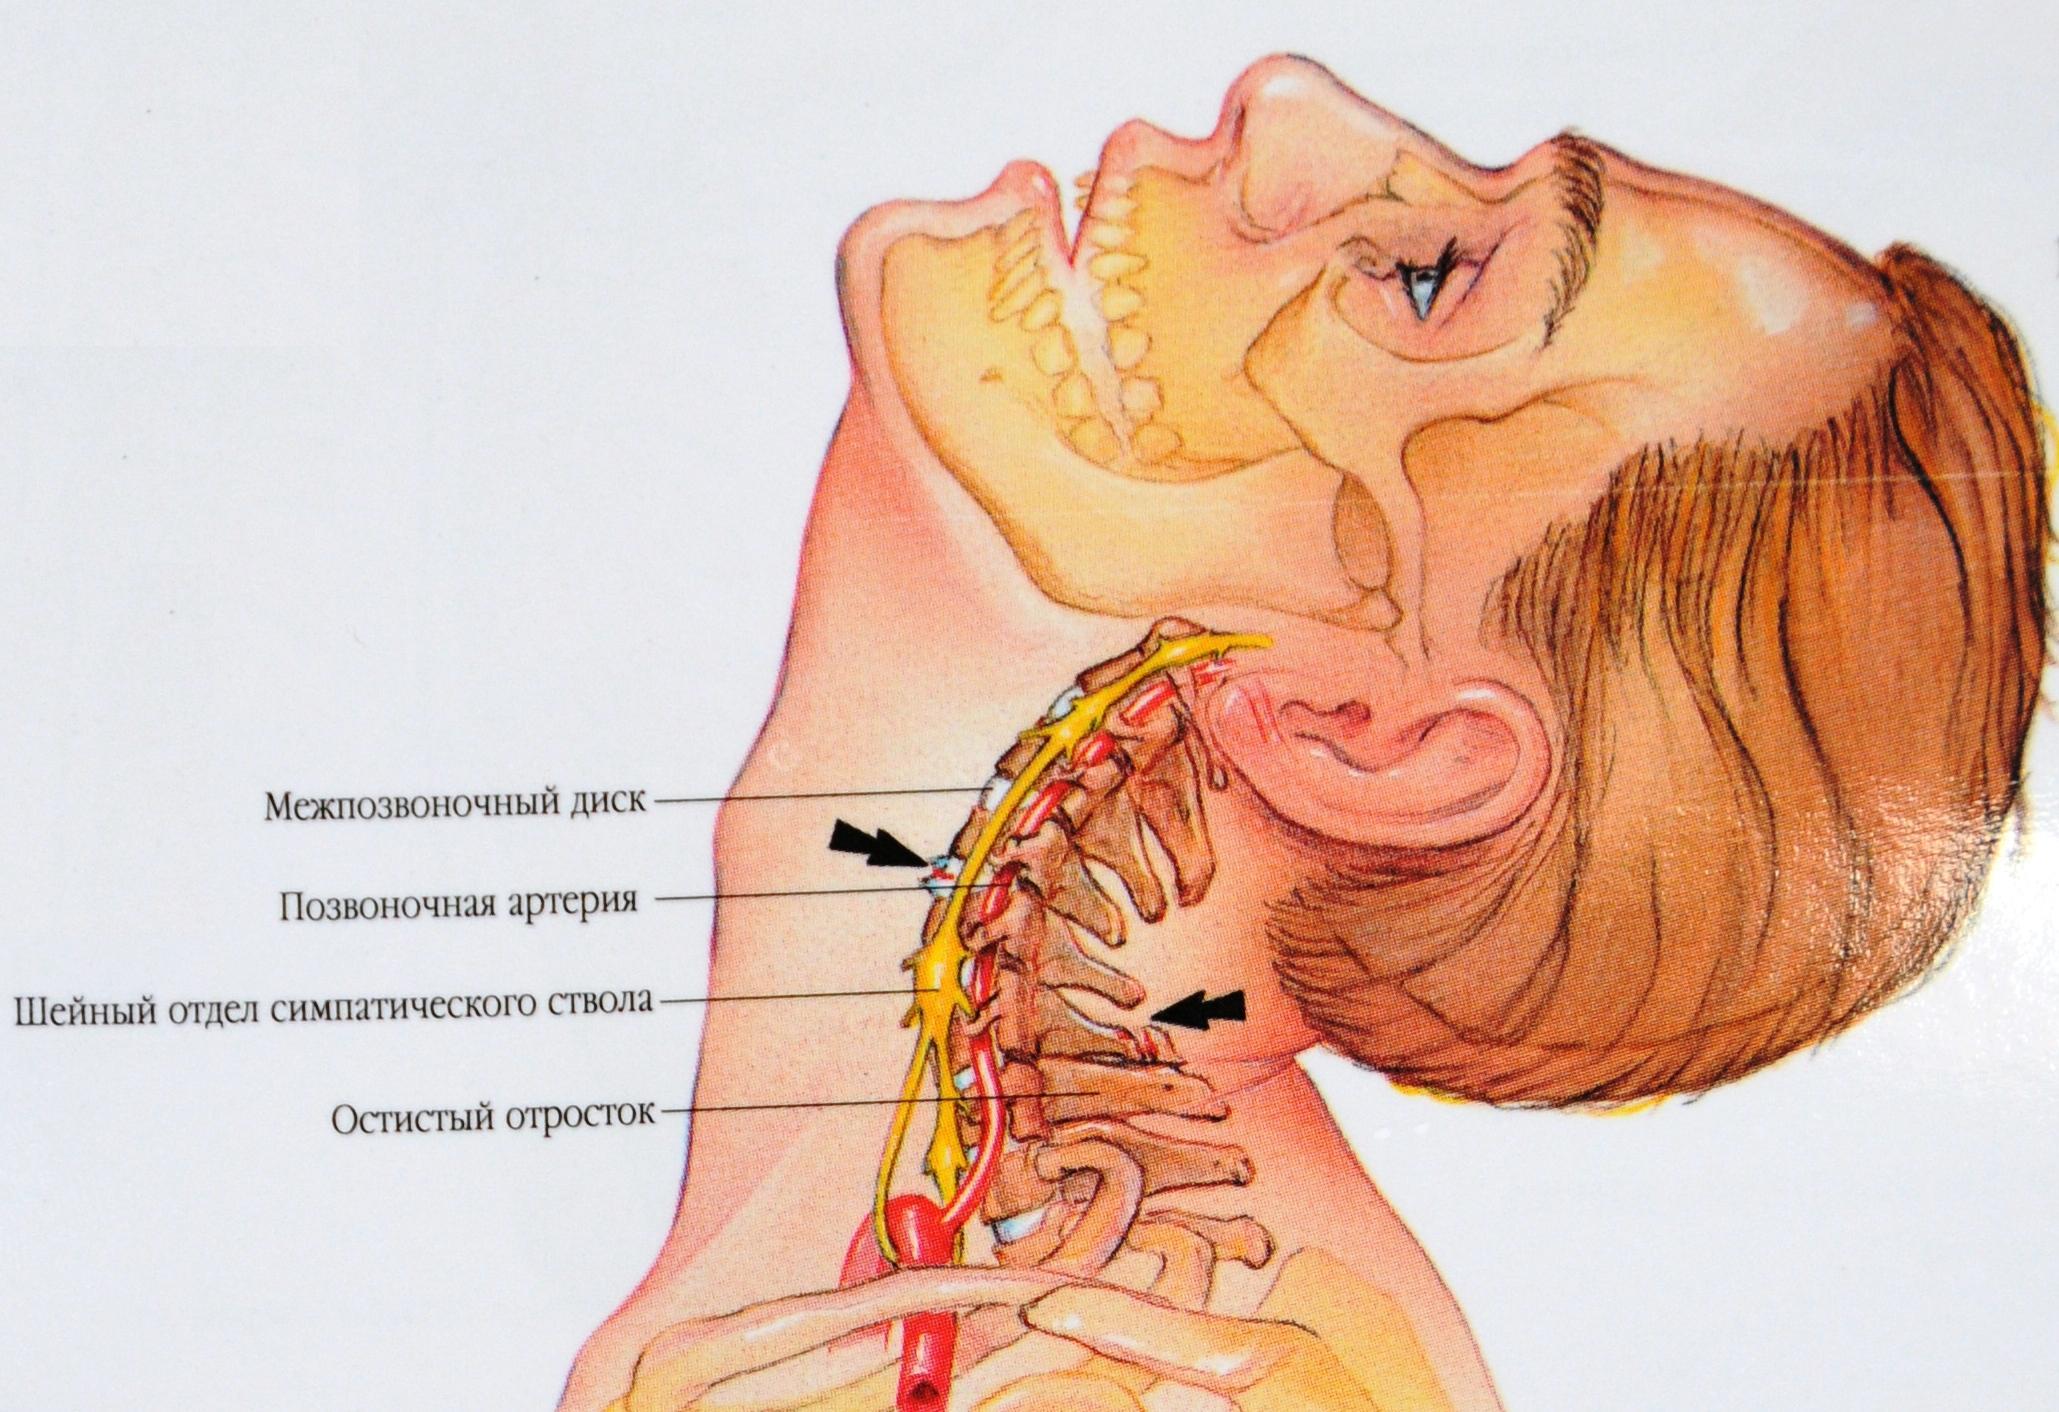 Тошнота боль внизу живота тянущая боль в пояснице головокружение